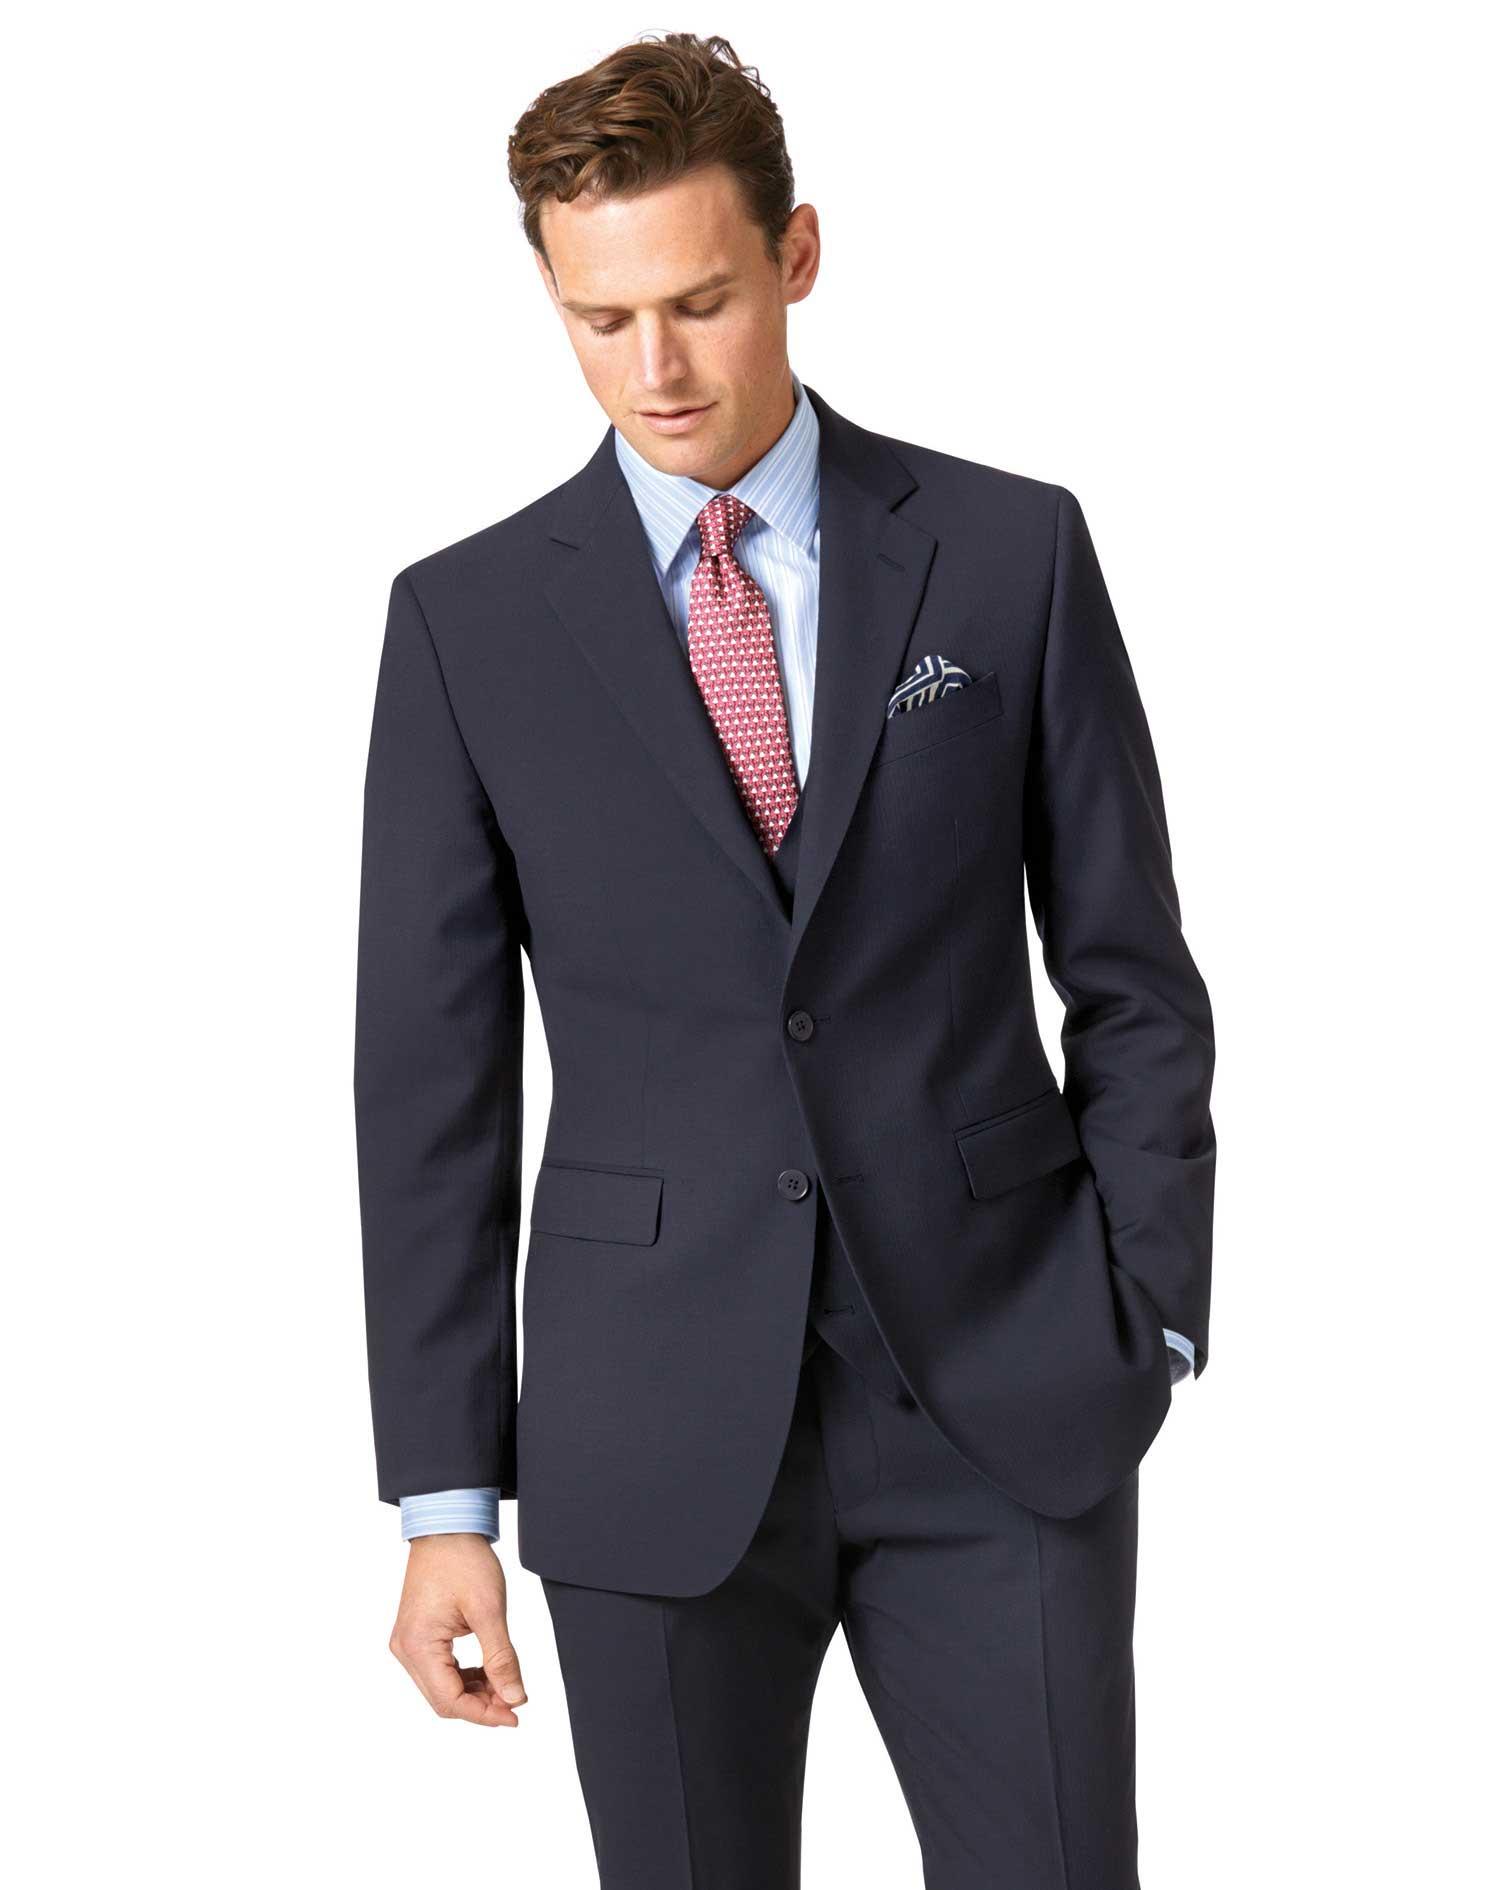 Navy Slim Fit Herringbone Business Suit Wool Jacket Size 38 Regular by Charles Tyrwhitt